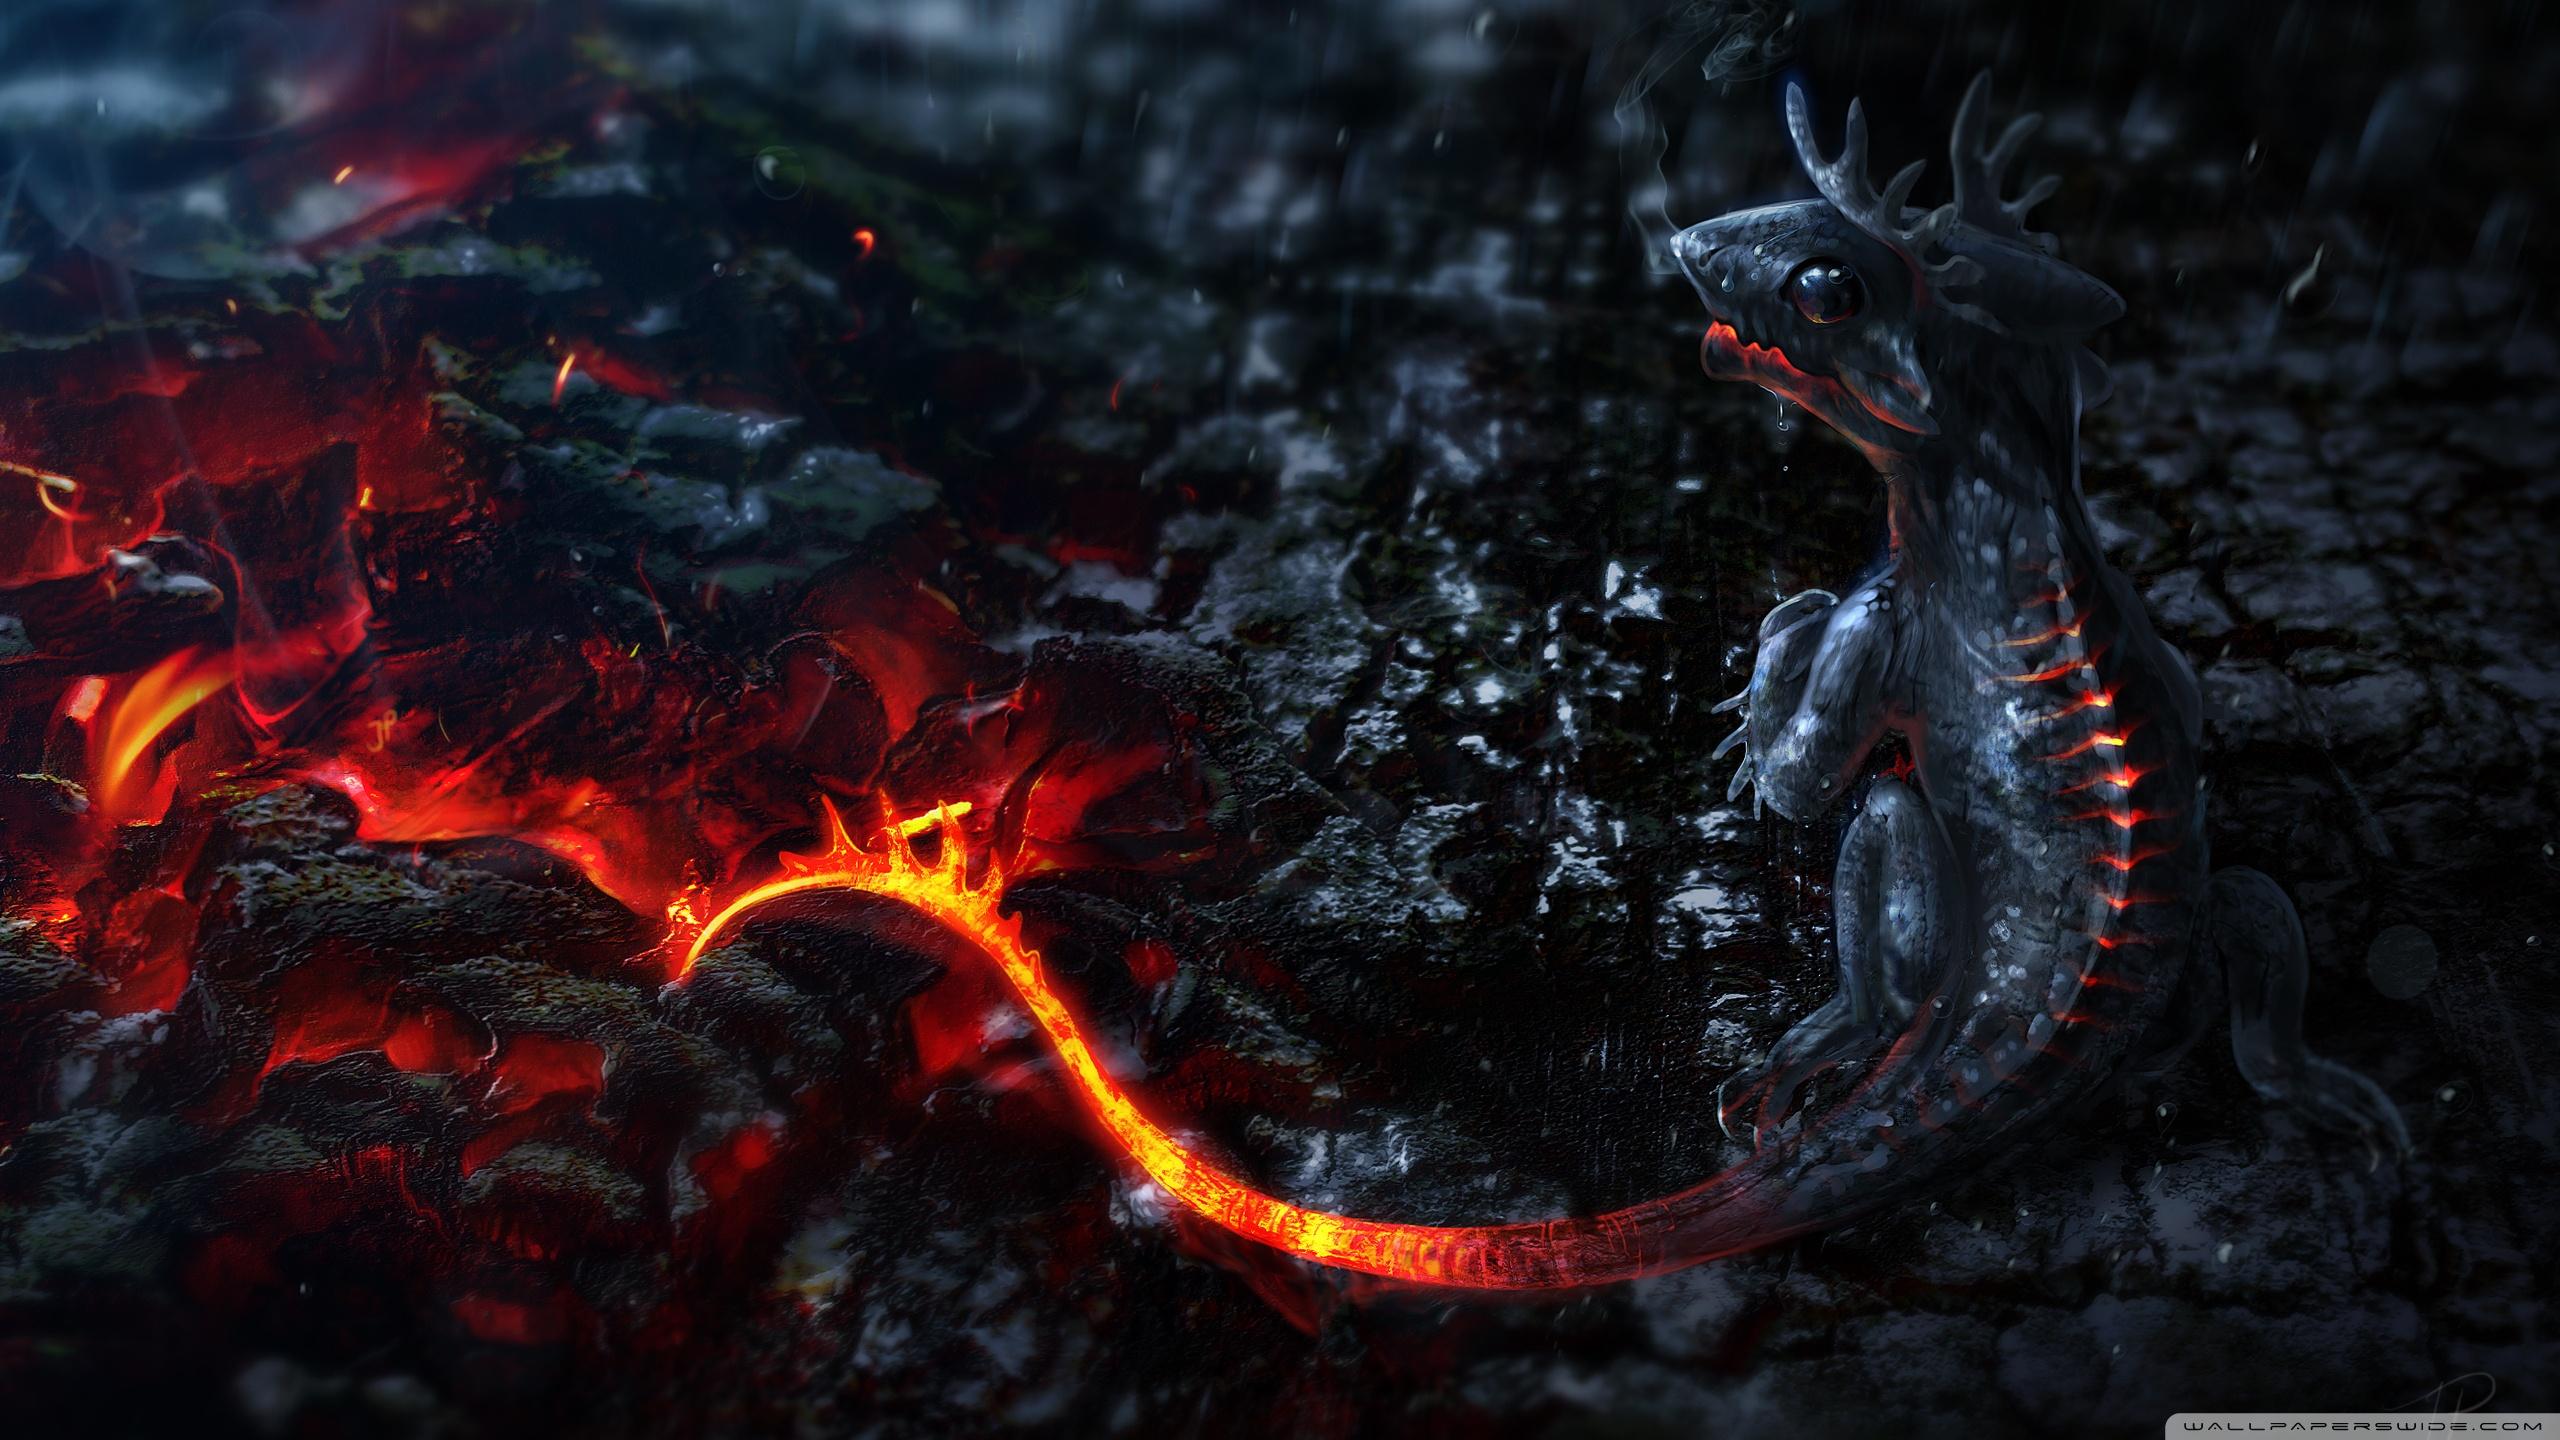 salamander_artwork-wallpaper-2560x1440